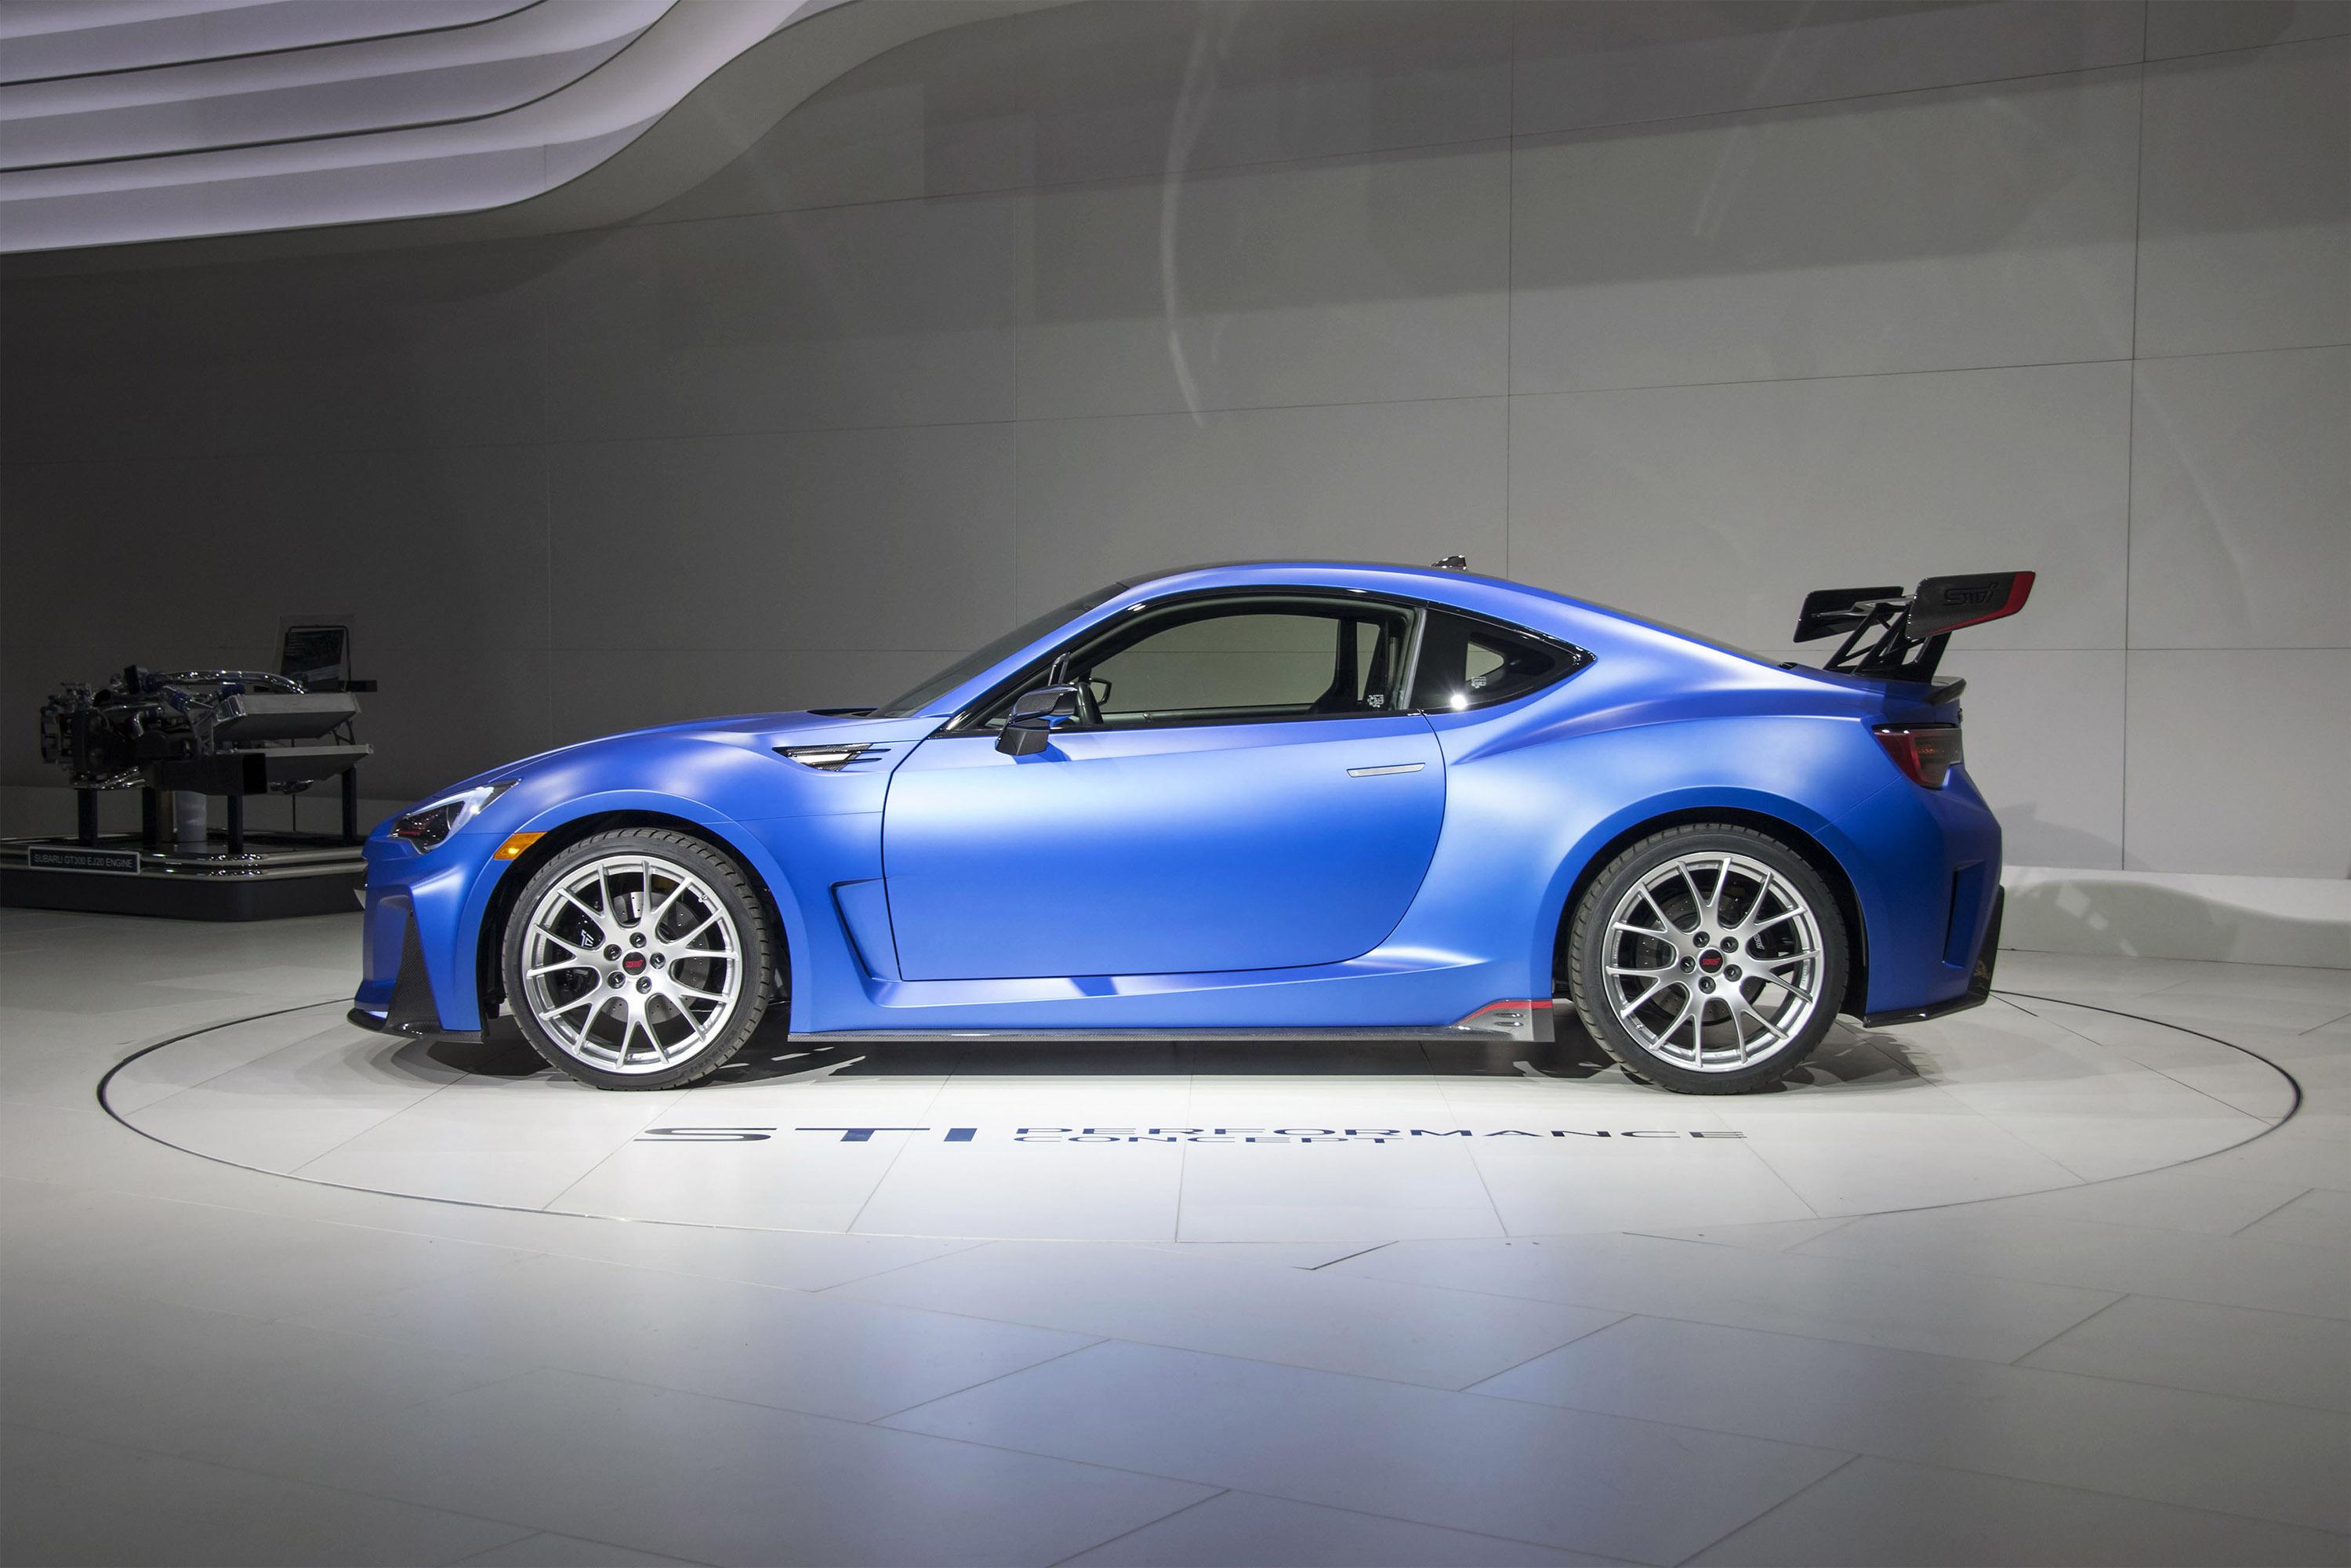 Wrx Performance Parts >> 2015 Subaru BRZ STI Performance Concept - HD Pictures @ carsinvasion.com